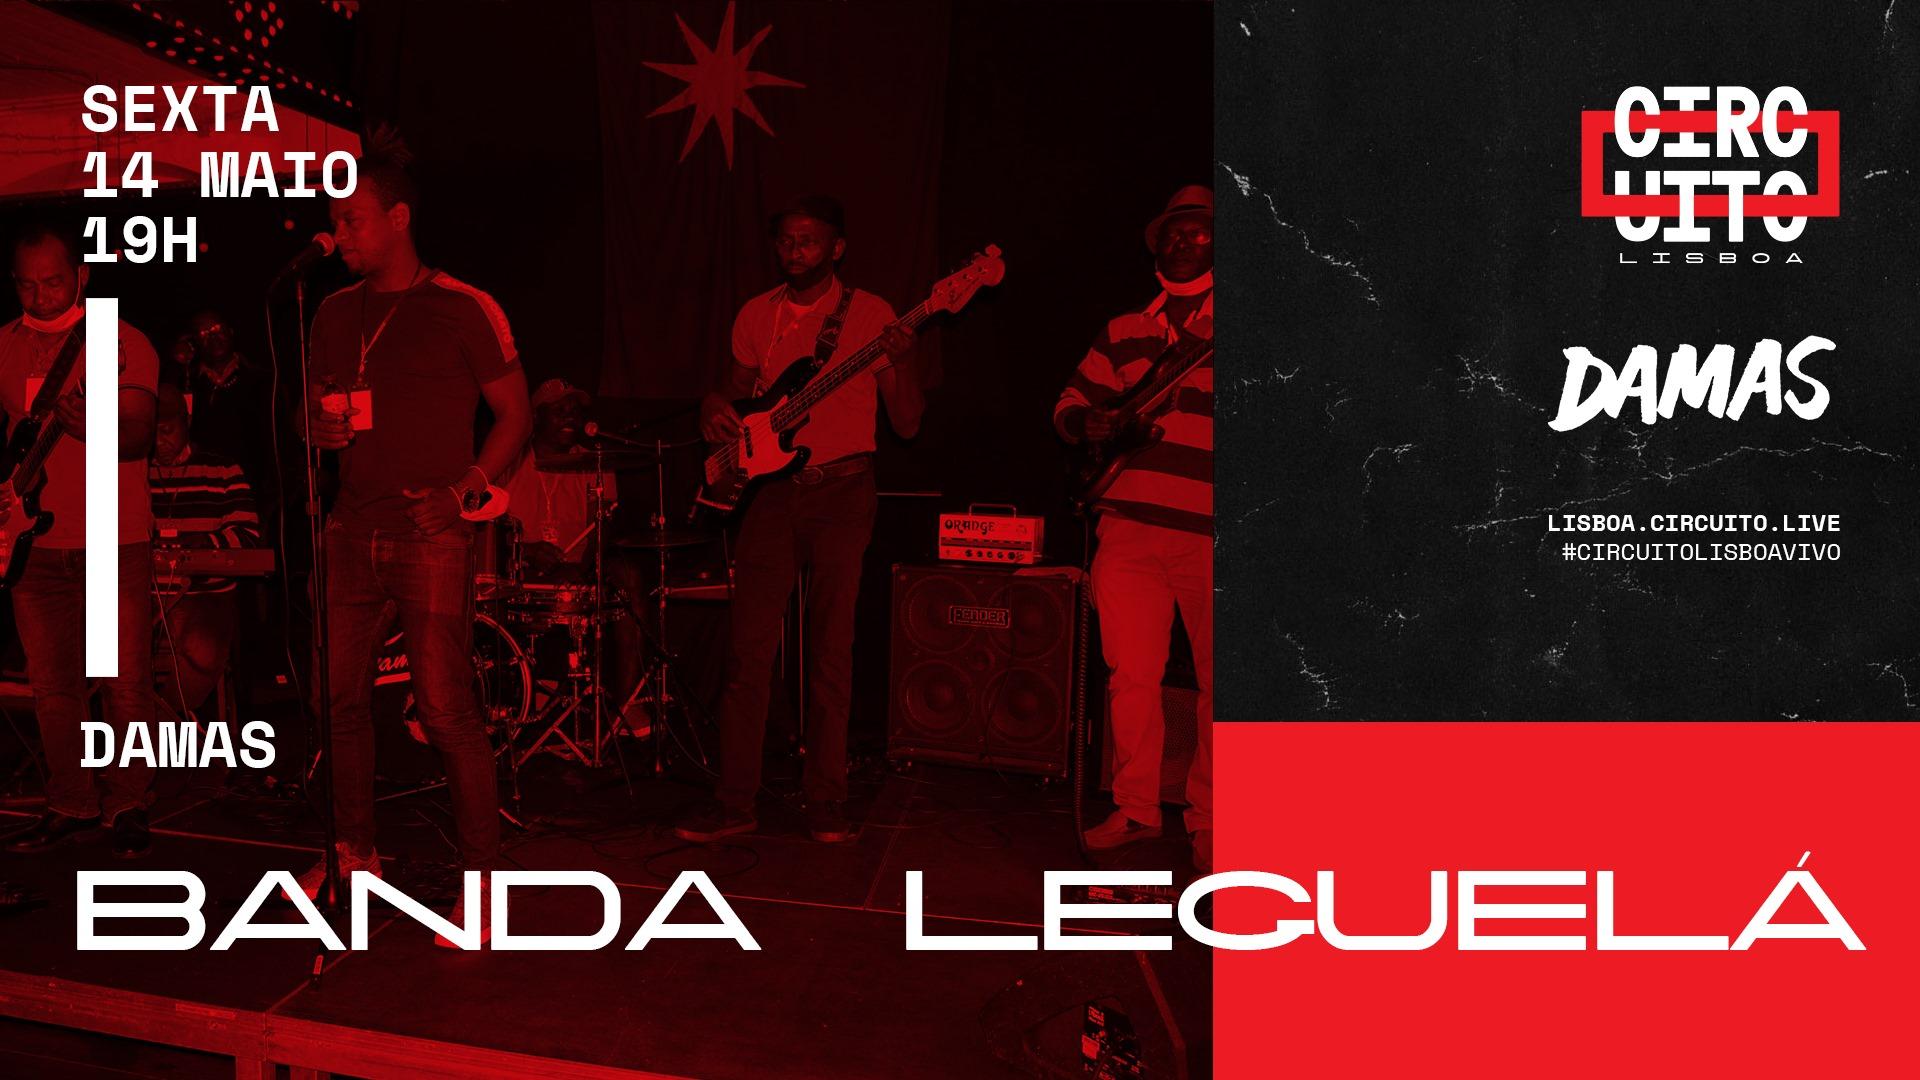 Banda Leguelá (ESGOTADO)